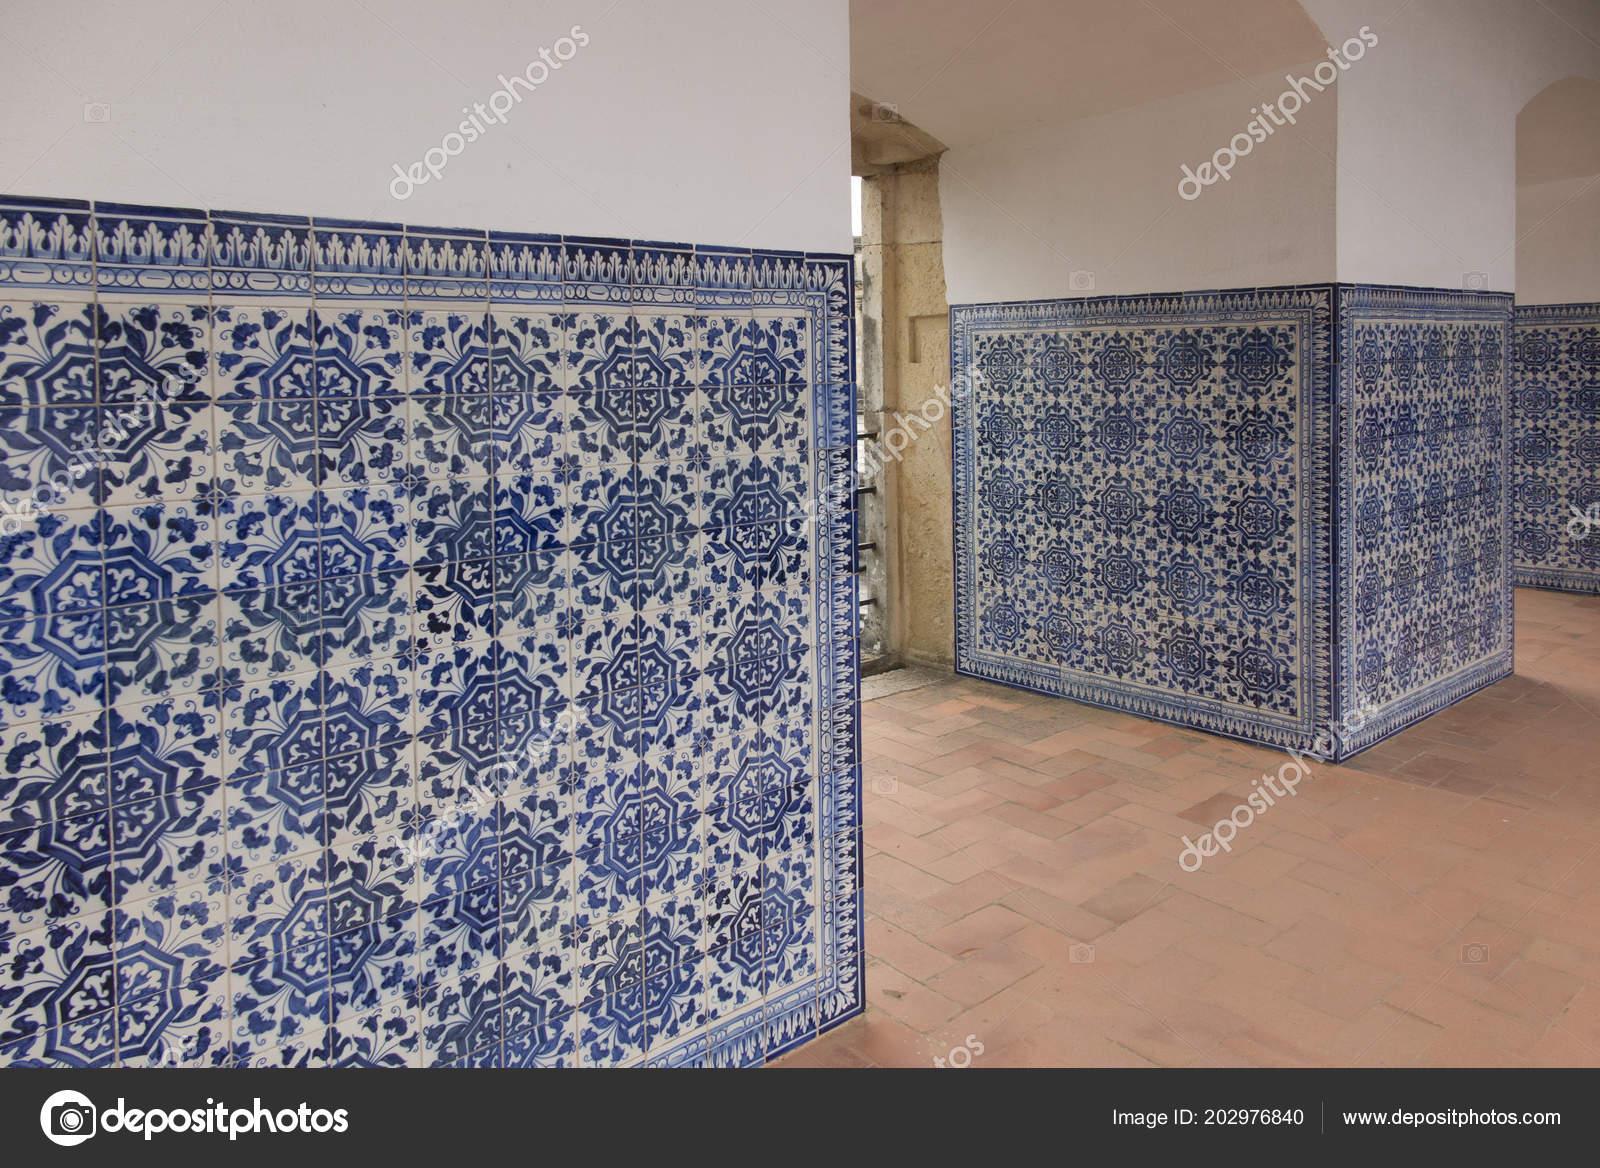 Piastrelle Di Ceramica Decorate.Convento Cristo Monastero Cattolico Tomar Portugal Portugal